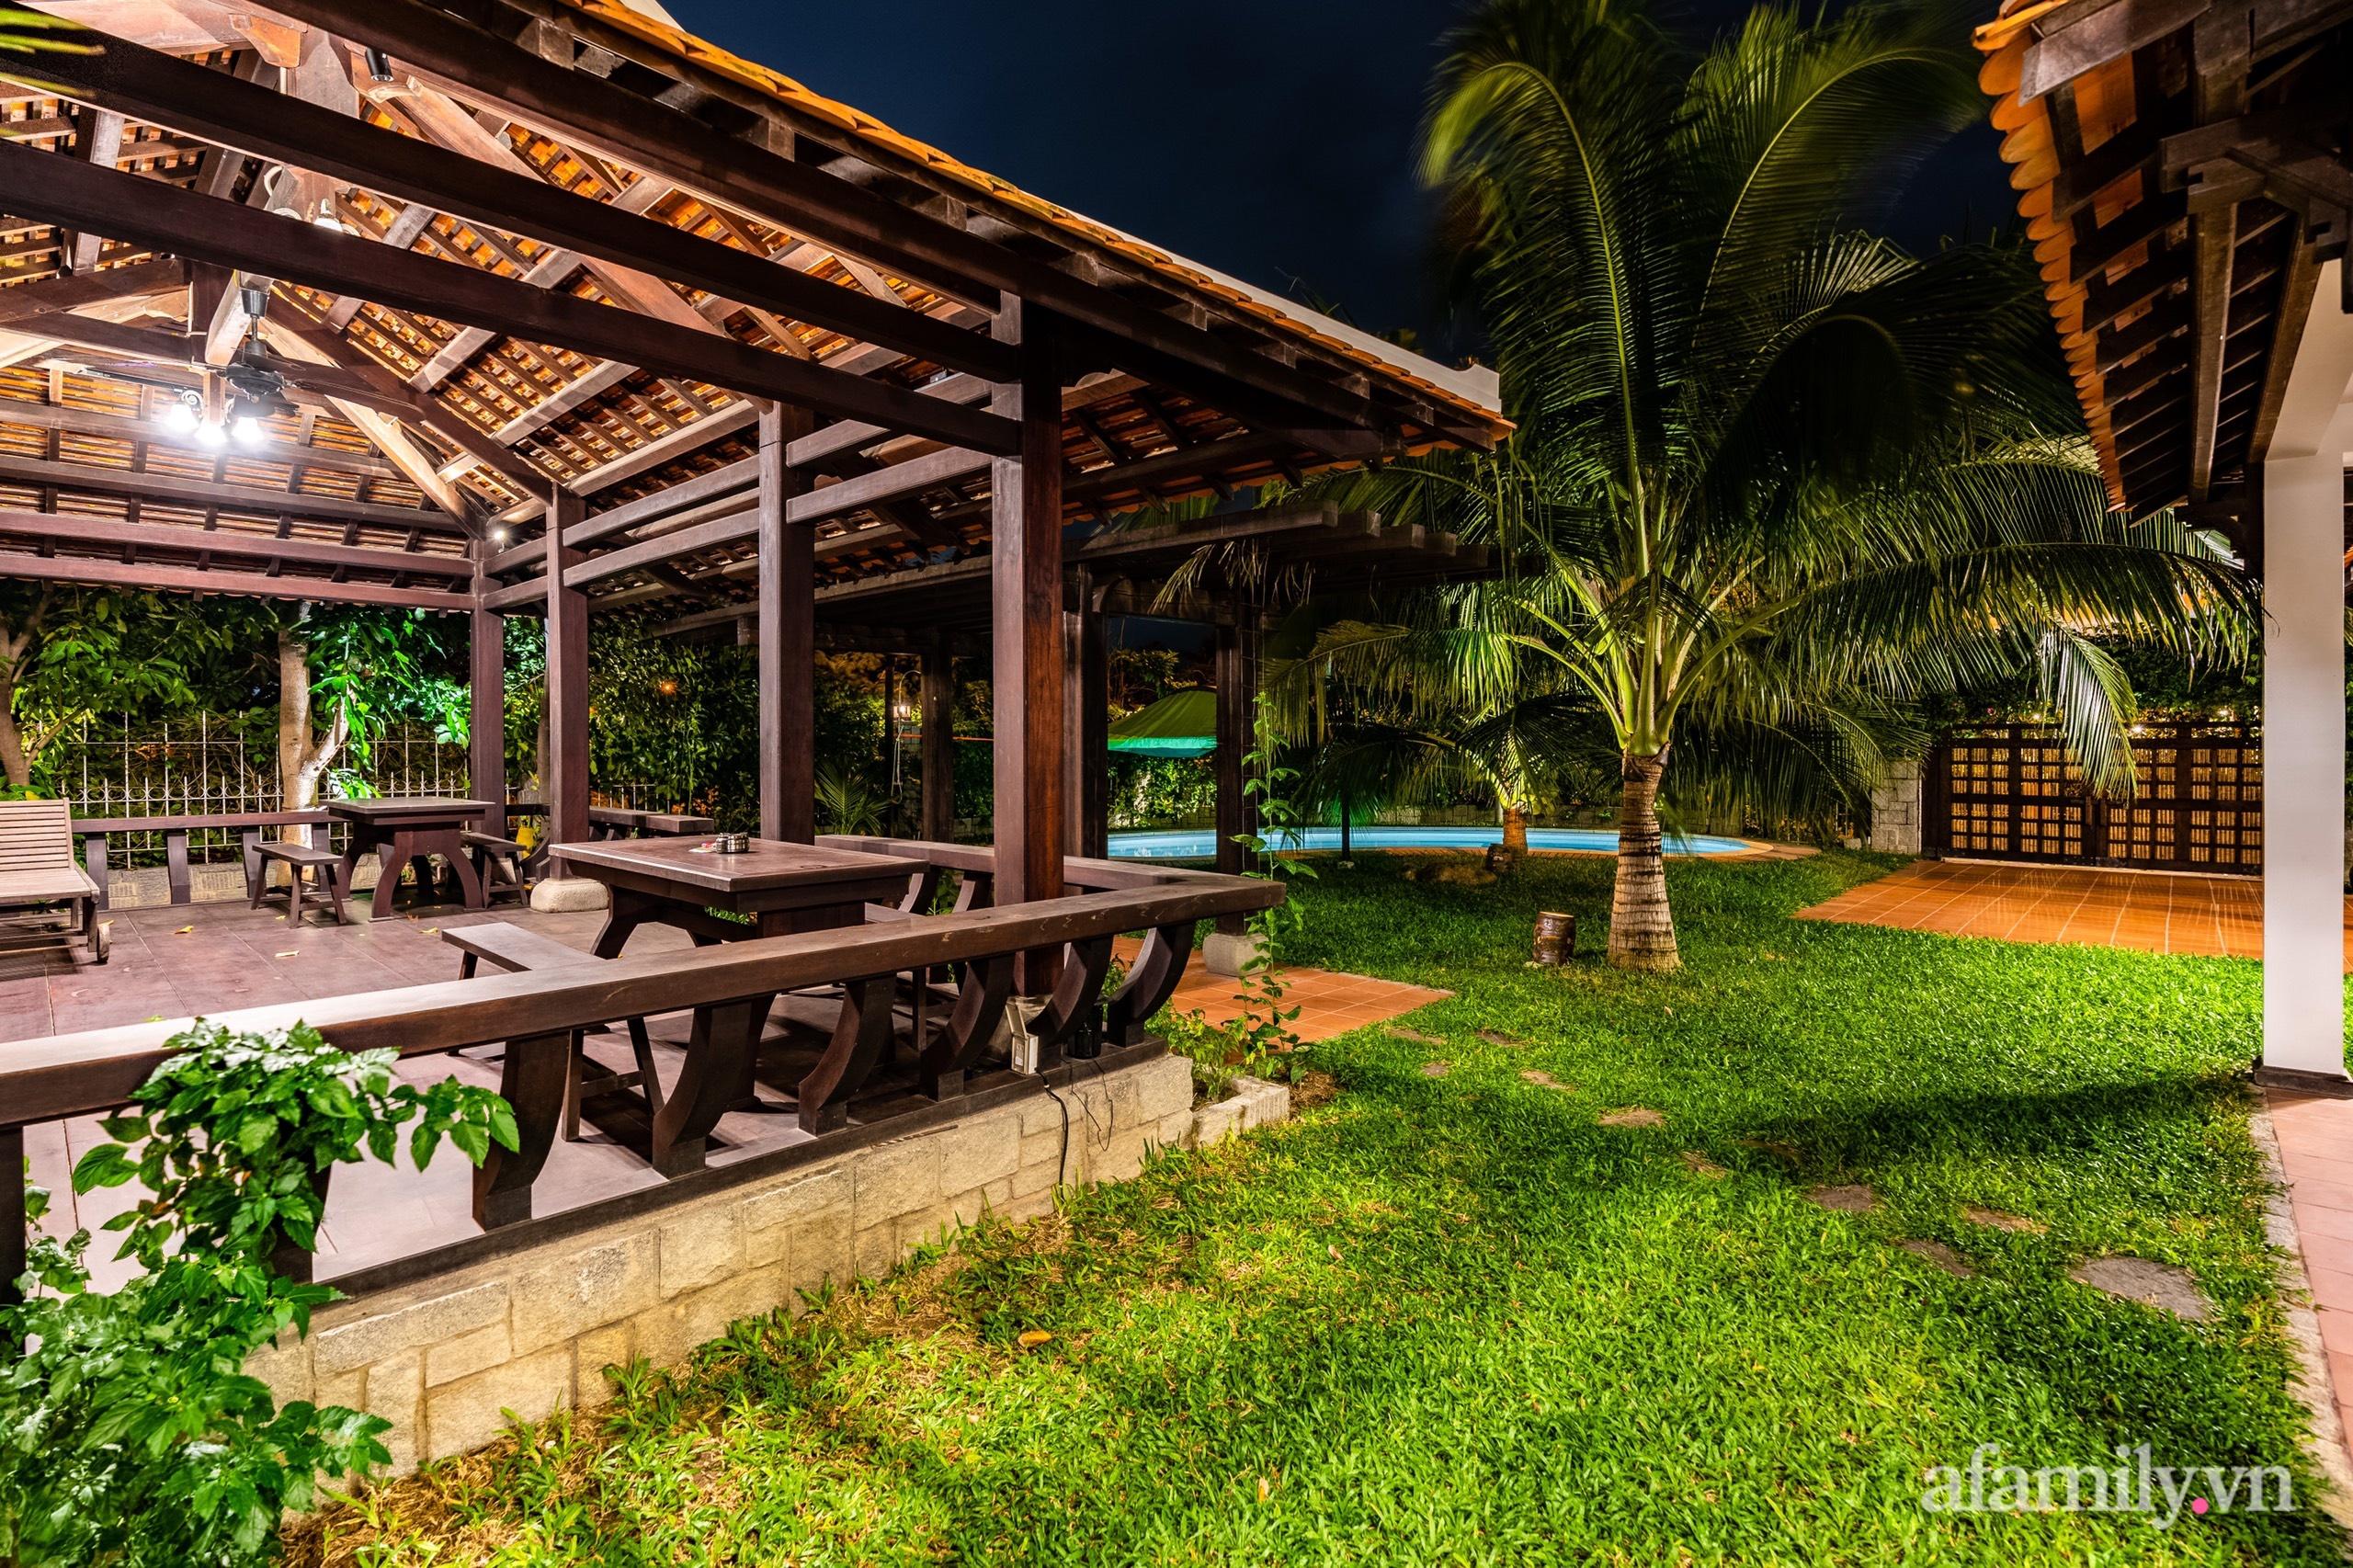 Căn nhà vườn xây 10 năm vẫn đẹp hút mắt với nội thất gỗ và cây xanh quanh nhà ở Nha Trang-8